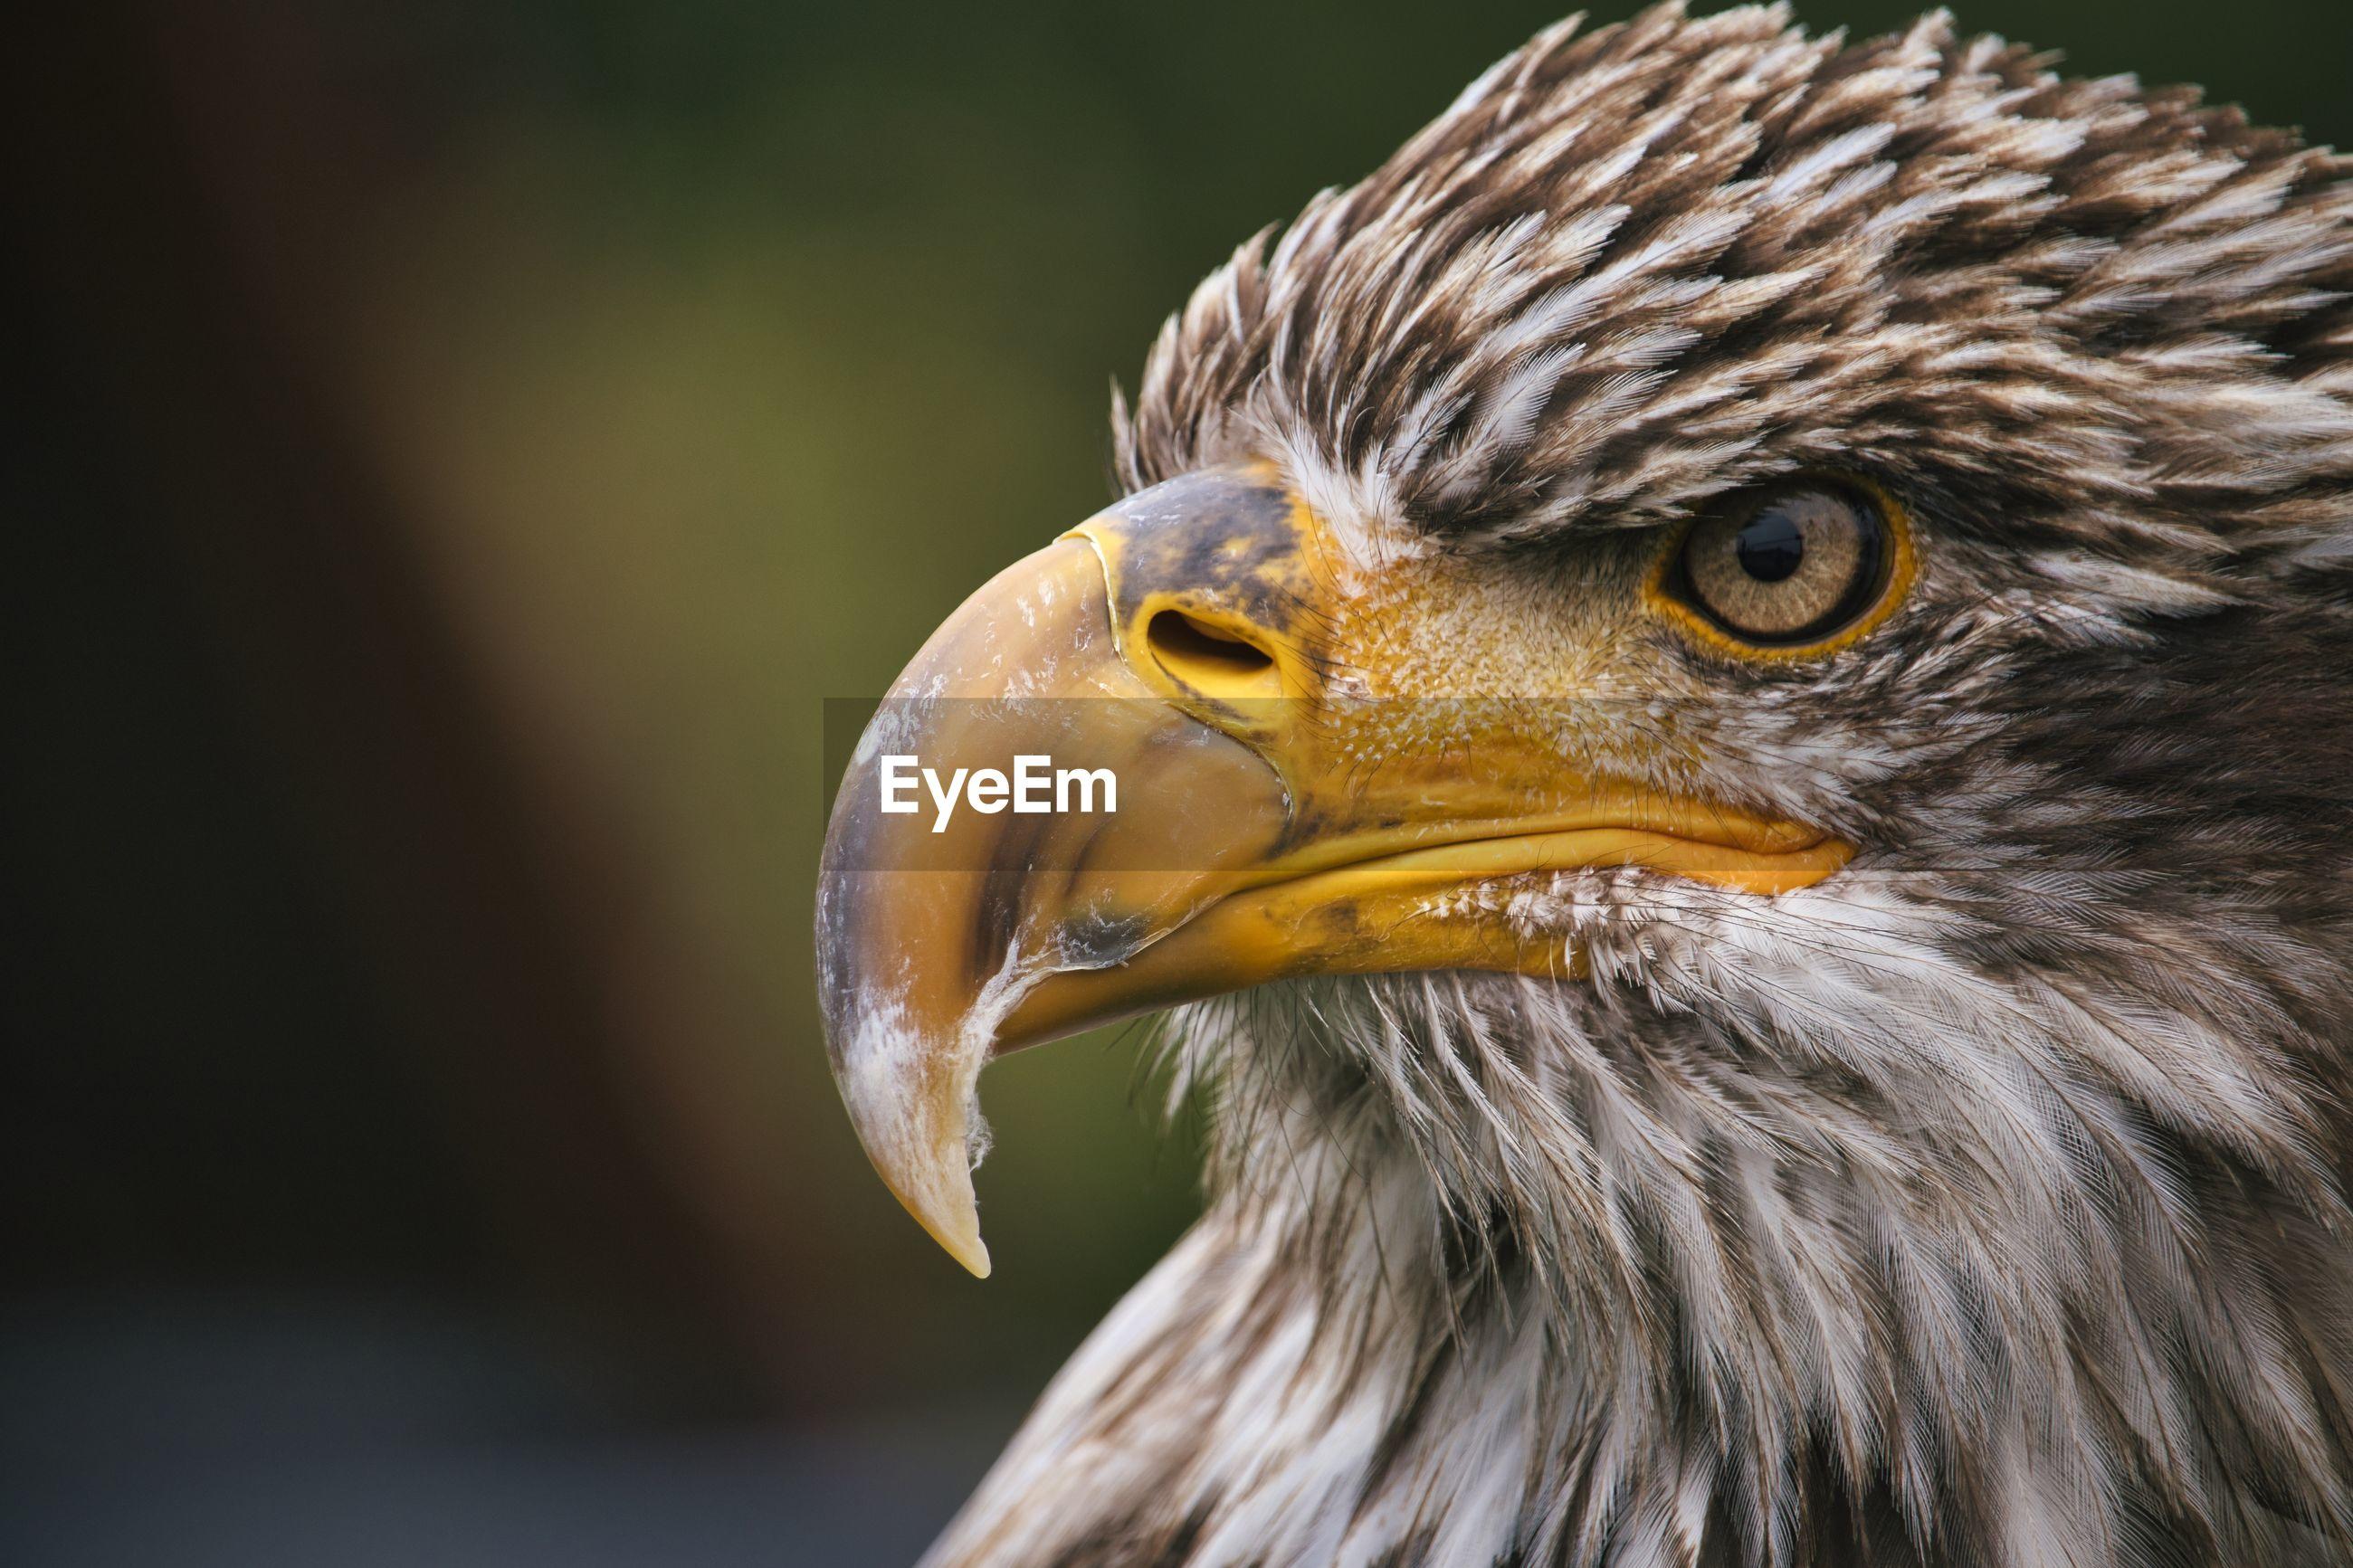 CLOSE-UP OF A EAGLE